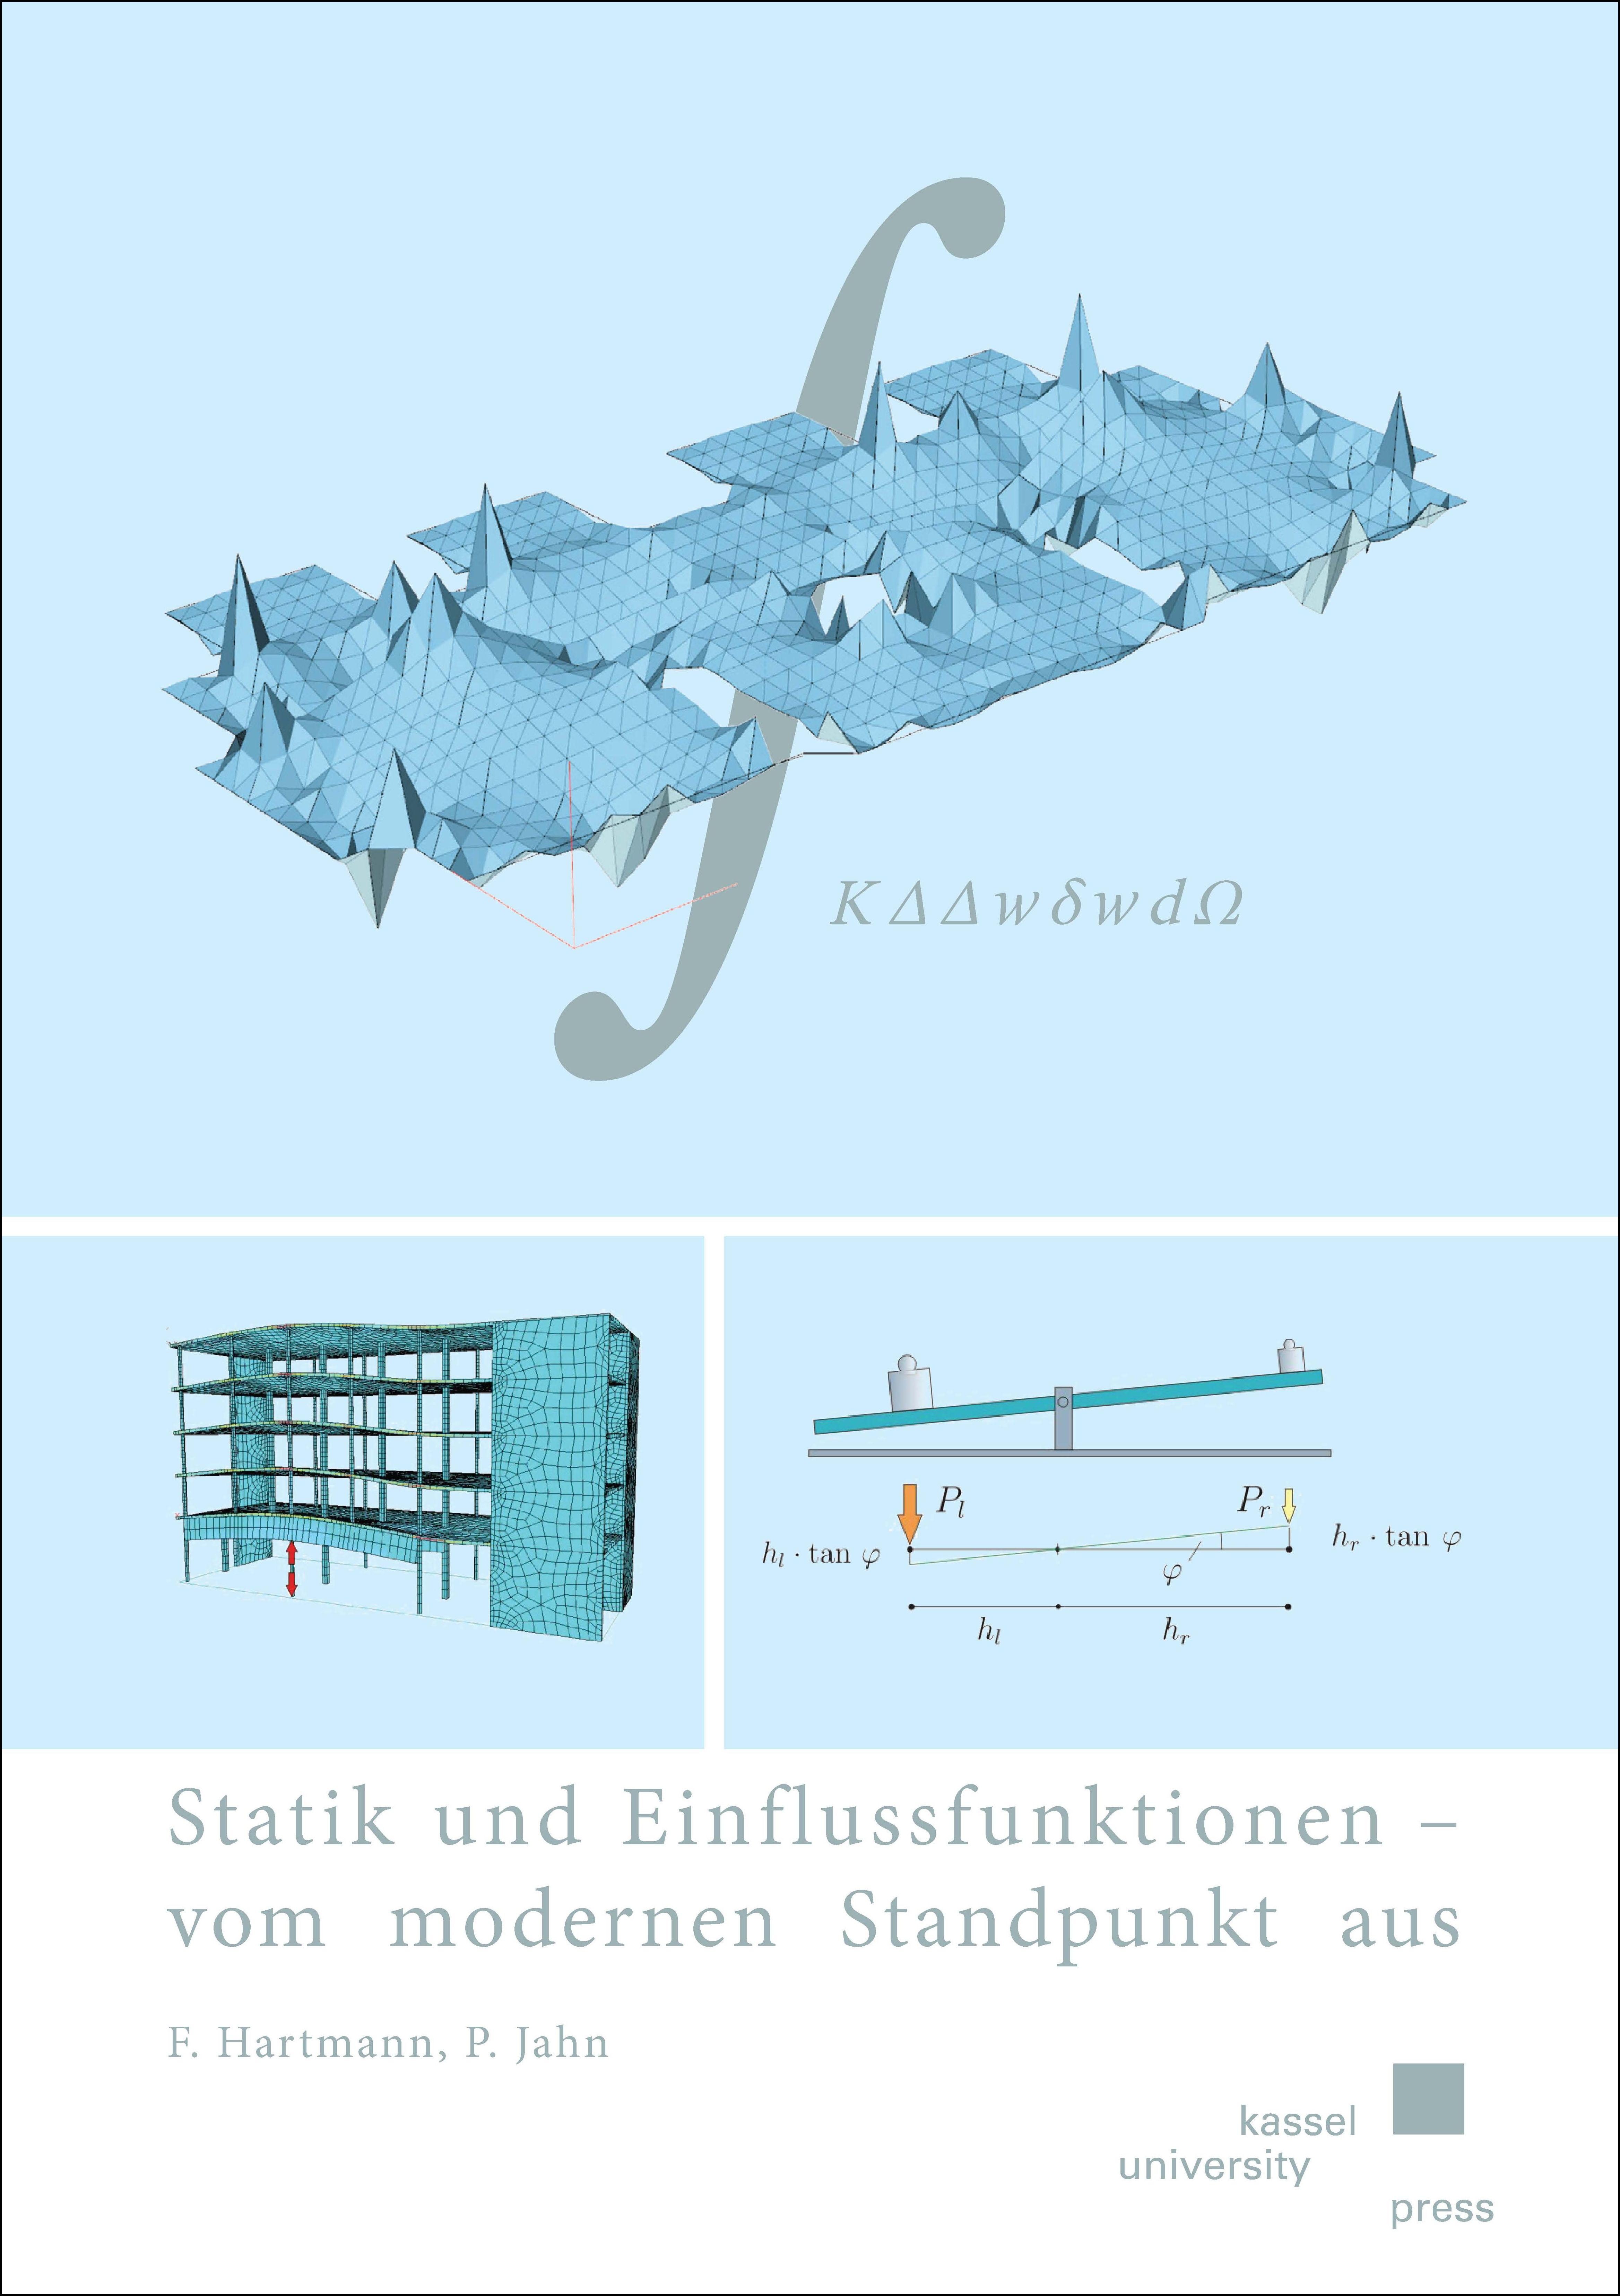 Statik und Einflussfunktionen - vom modernen Standpunkt aus Friedel Hartmann